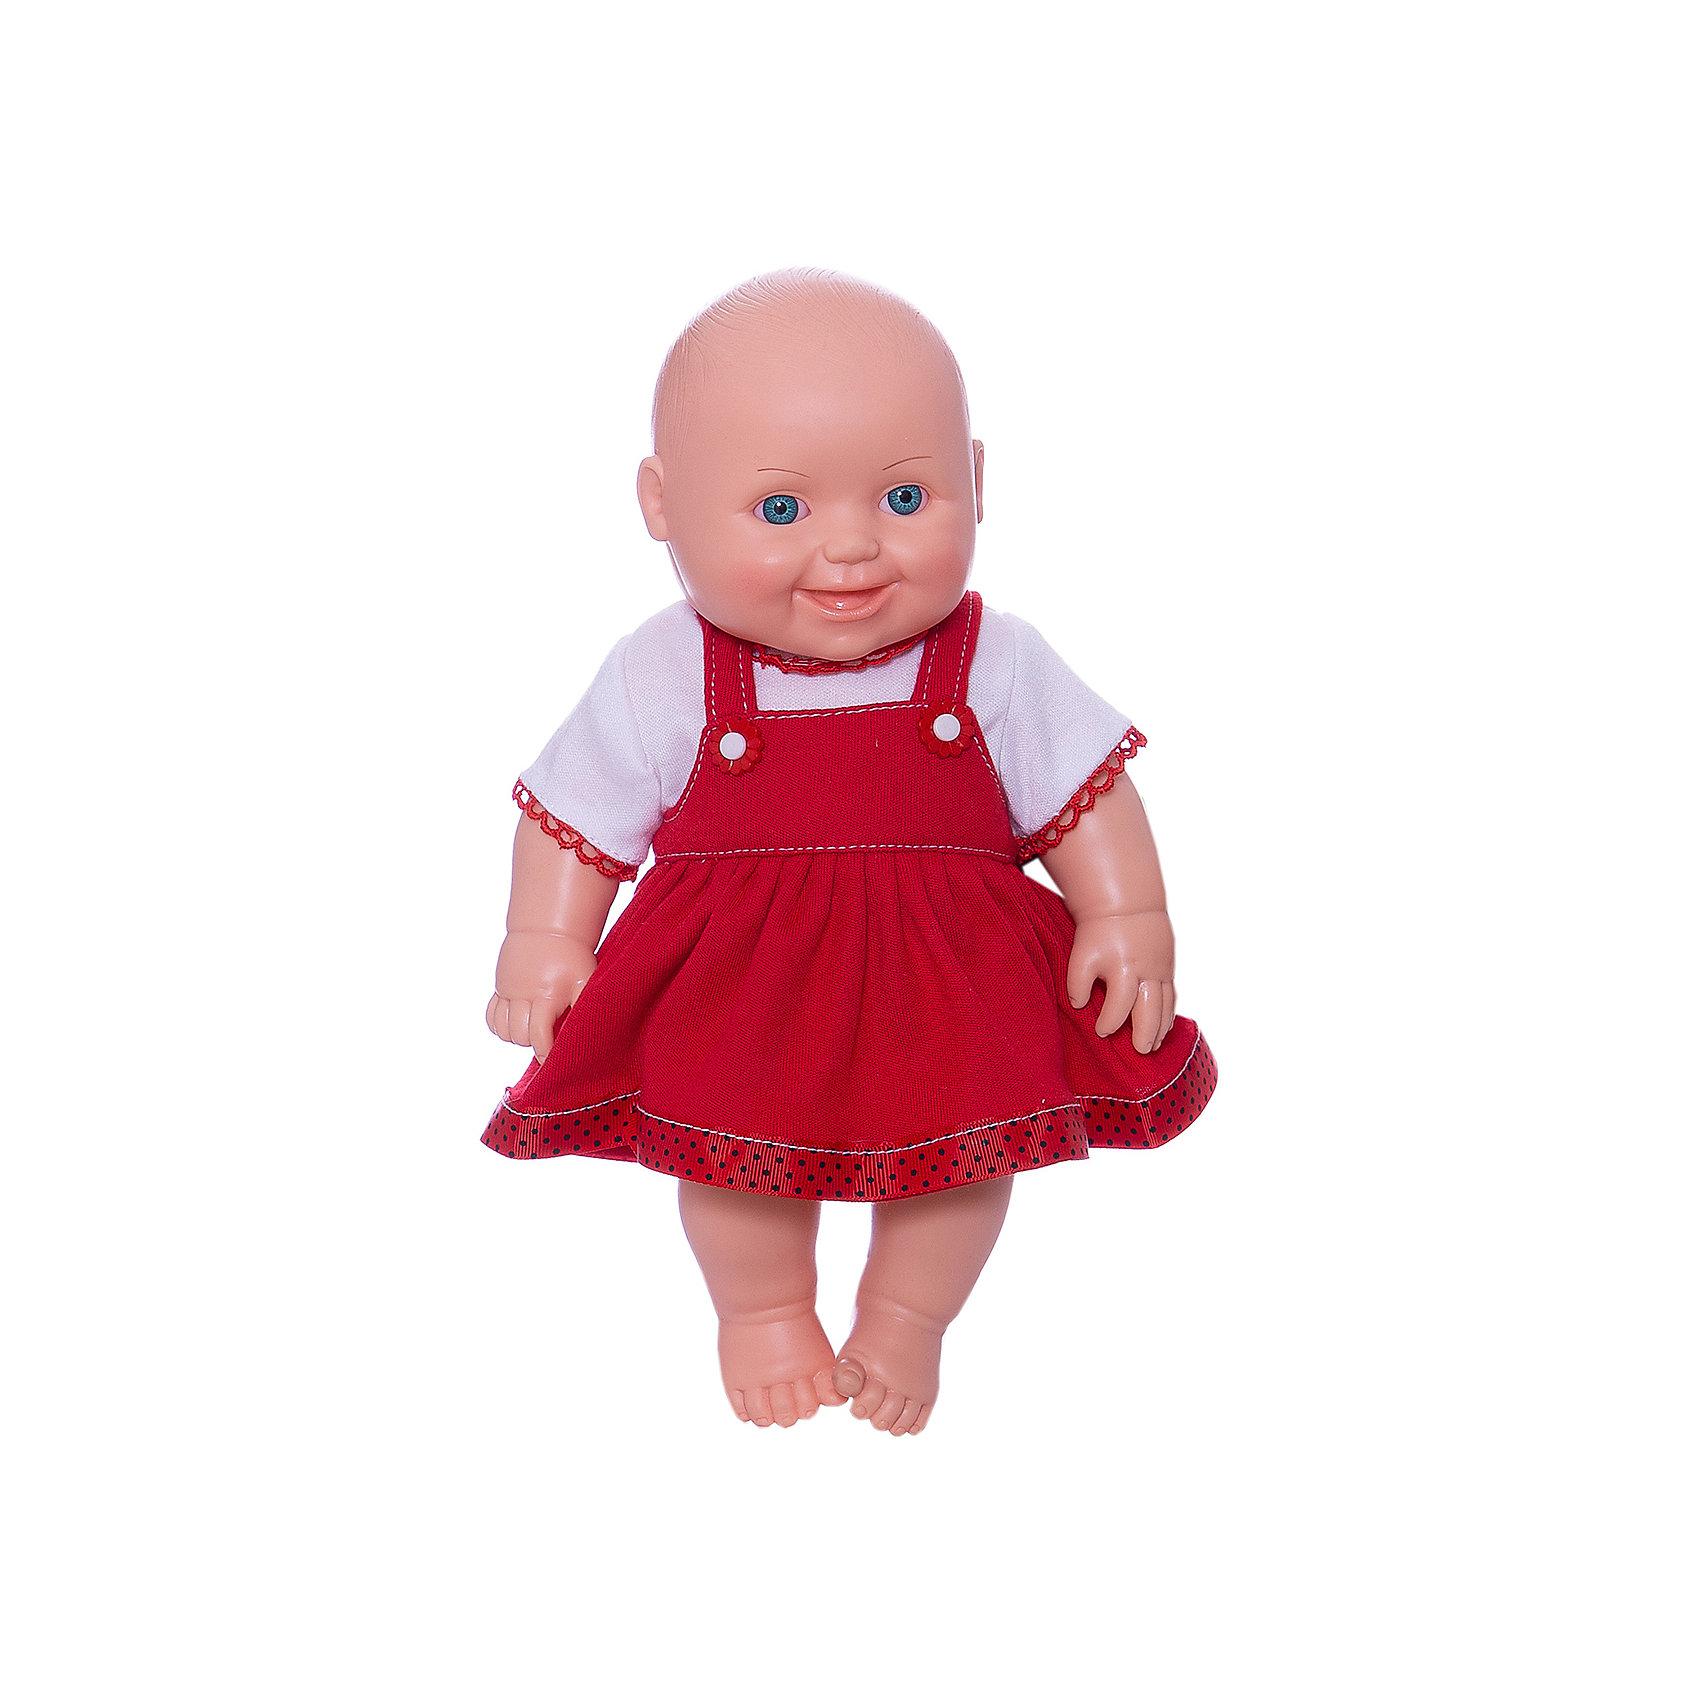 Кукла Малышка 7, девочка, 31 см, ВеснаСимпатичная и качественная кукла от отечественного производителя способна не просто помочь ребенку весело проводить время, но и научить девочку заботиться о других. На игрушке - симпатичная одежда, всё можно снимать и надевать. У игрушки двигаются руки и ноги, голова поворачивается.<br>Такая кукла помогает ребенку нарабатывать социальные навыки и весело познавать мир. Сделана игрушка из качественных, приятных на ощупь и безопасных для ребенка материалов.<br><br>Отличительные особенности куклы:<br><br>- материал: пластмасса;<br>- волосы: рельефная имитация;<br>- двигаются руки и ноги;<br>- голова поворачивается;<br>- снимающаяся одежда;<br>- высота: 31 см.<br><br>Куклу Малышка 7 от марки Весна можно купить в нашем магазине.<br><br>Ширина мм: 335<br>Глубина мм: 350<br>Высота мм: 205<br>Вес г: 460<br>Возраст от месяцев: 36<br>Возраст до месяцев: 1188<br>Пол: Женский<br>Возраст: Детский<br>SKU: 4701846